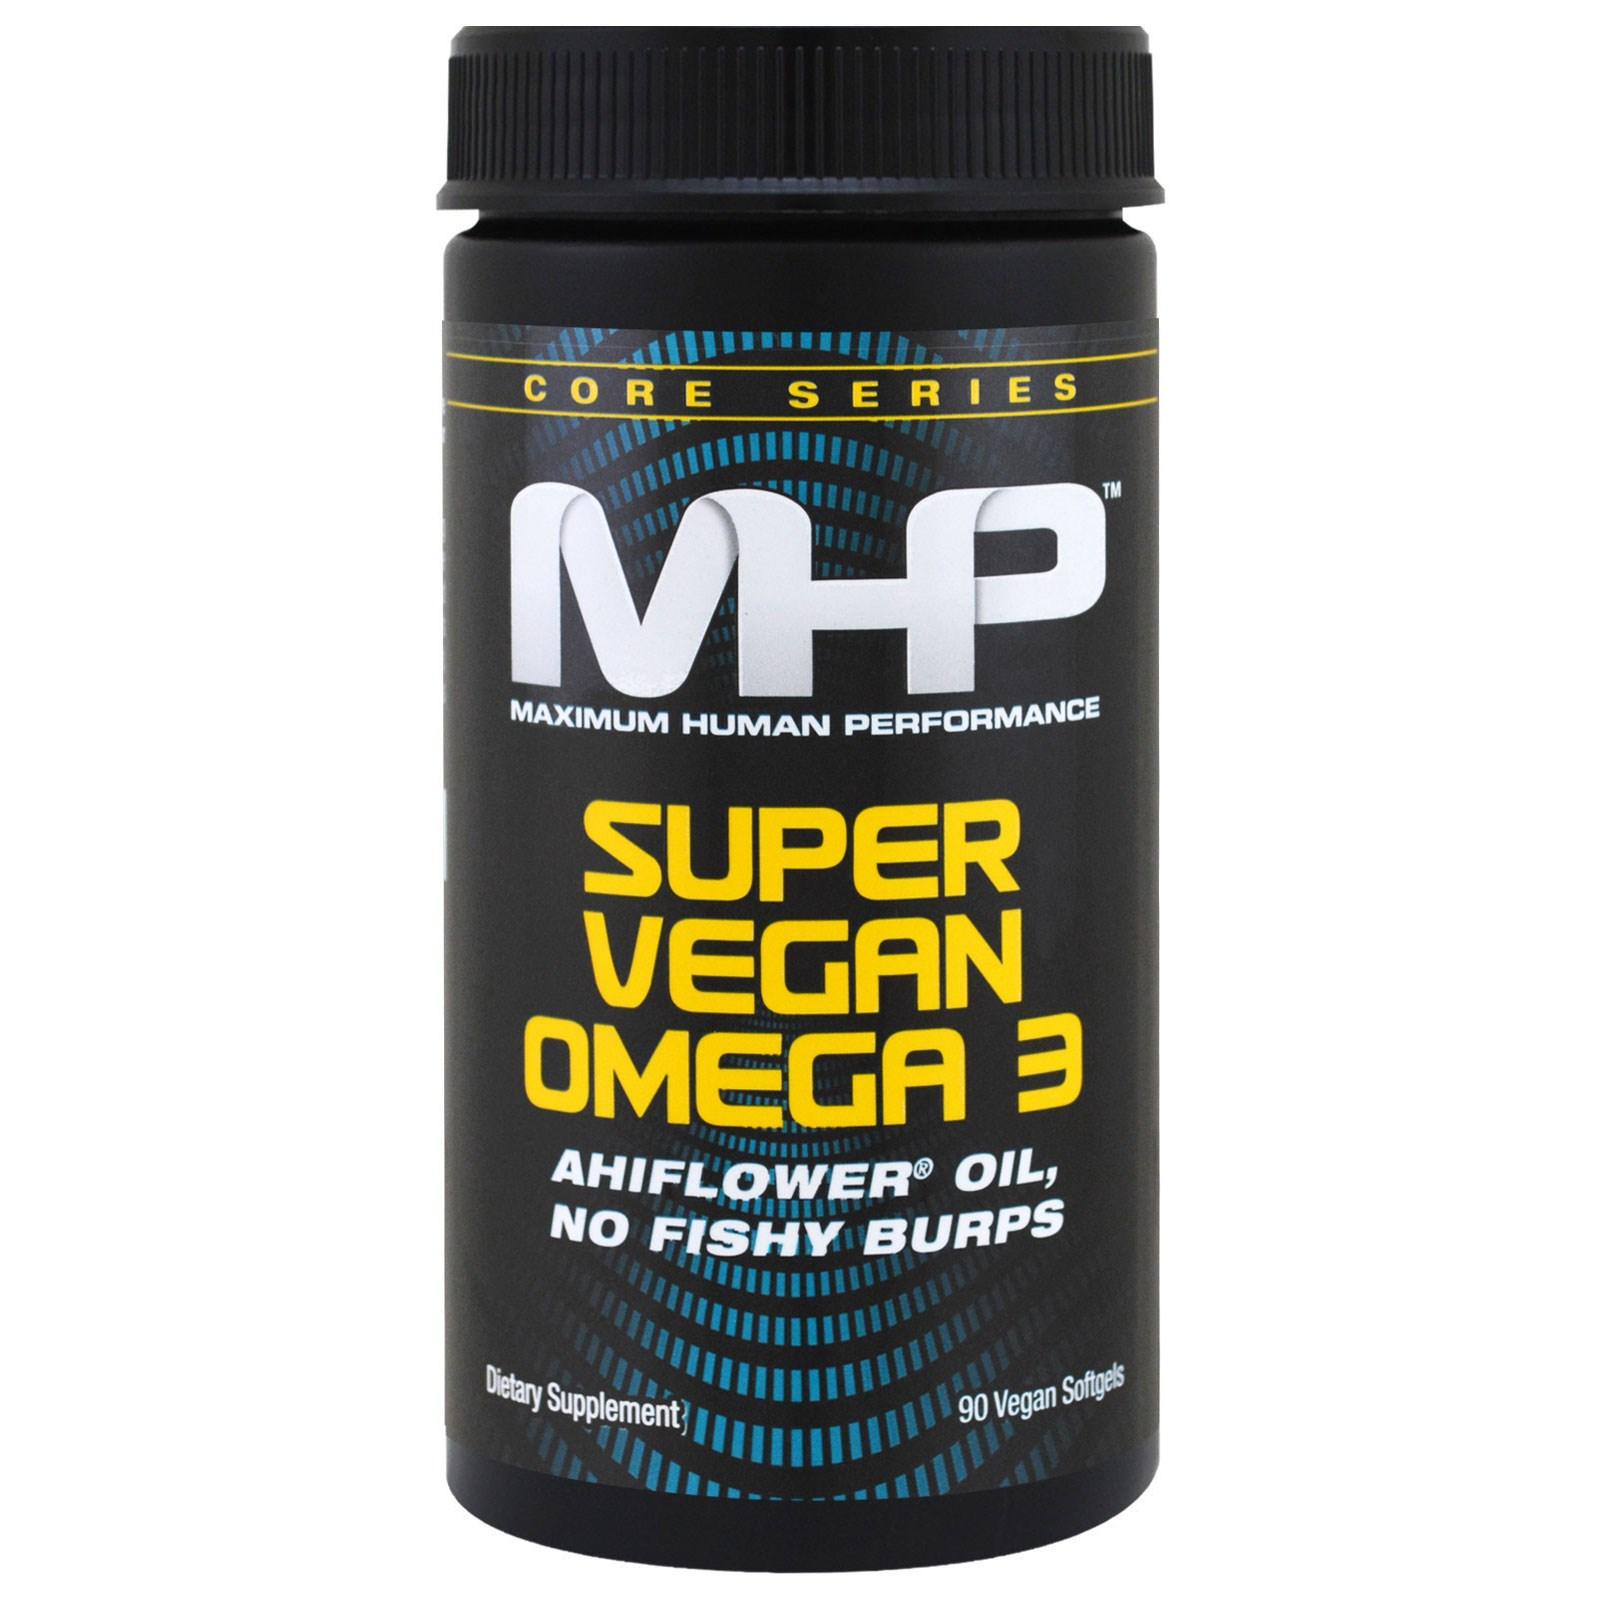 Maximum Human Performance, LLC, Серия Core, супер растительные кислоты омега 3, 90 растительных мягких капсул